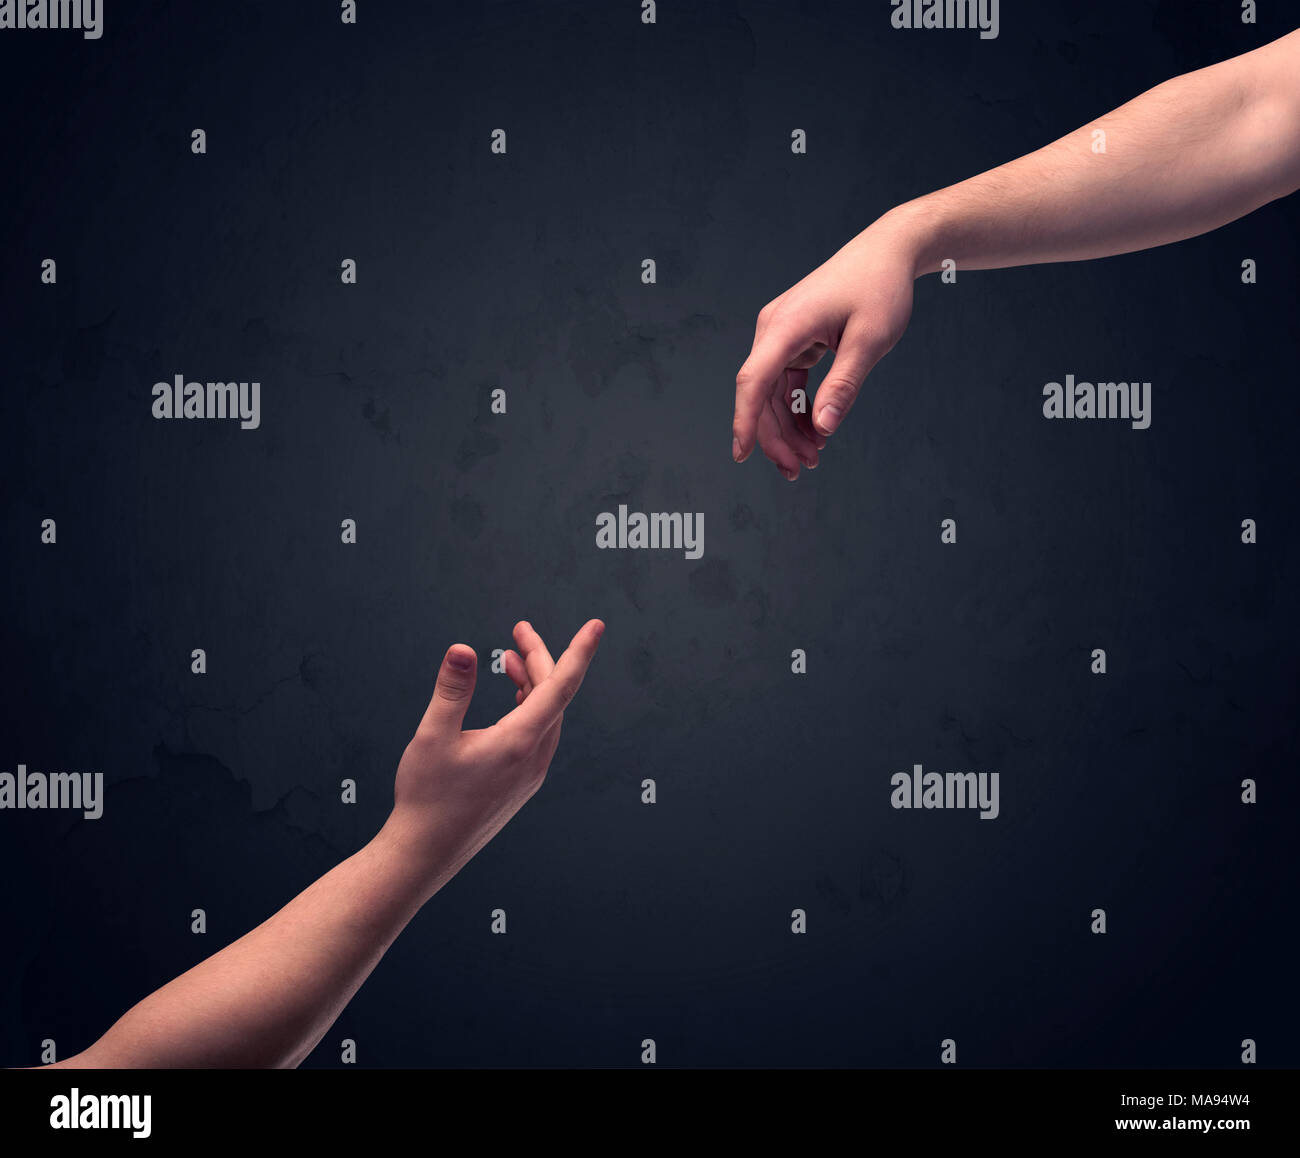 Zwei männliche Hände greifen, um eine andere, fast berühren, vor der dunklen, leeren Hintergrund wand Konzept Stockfoto